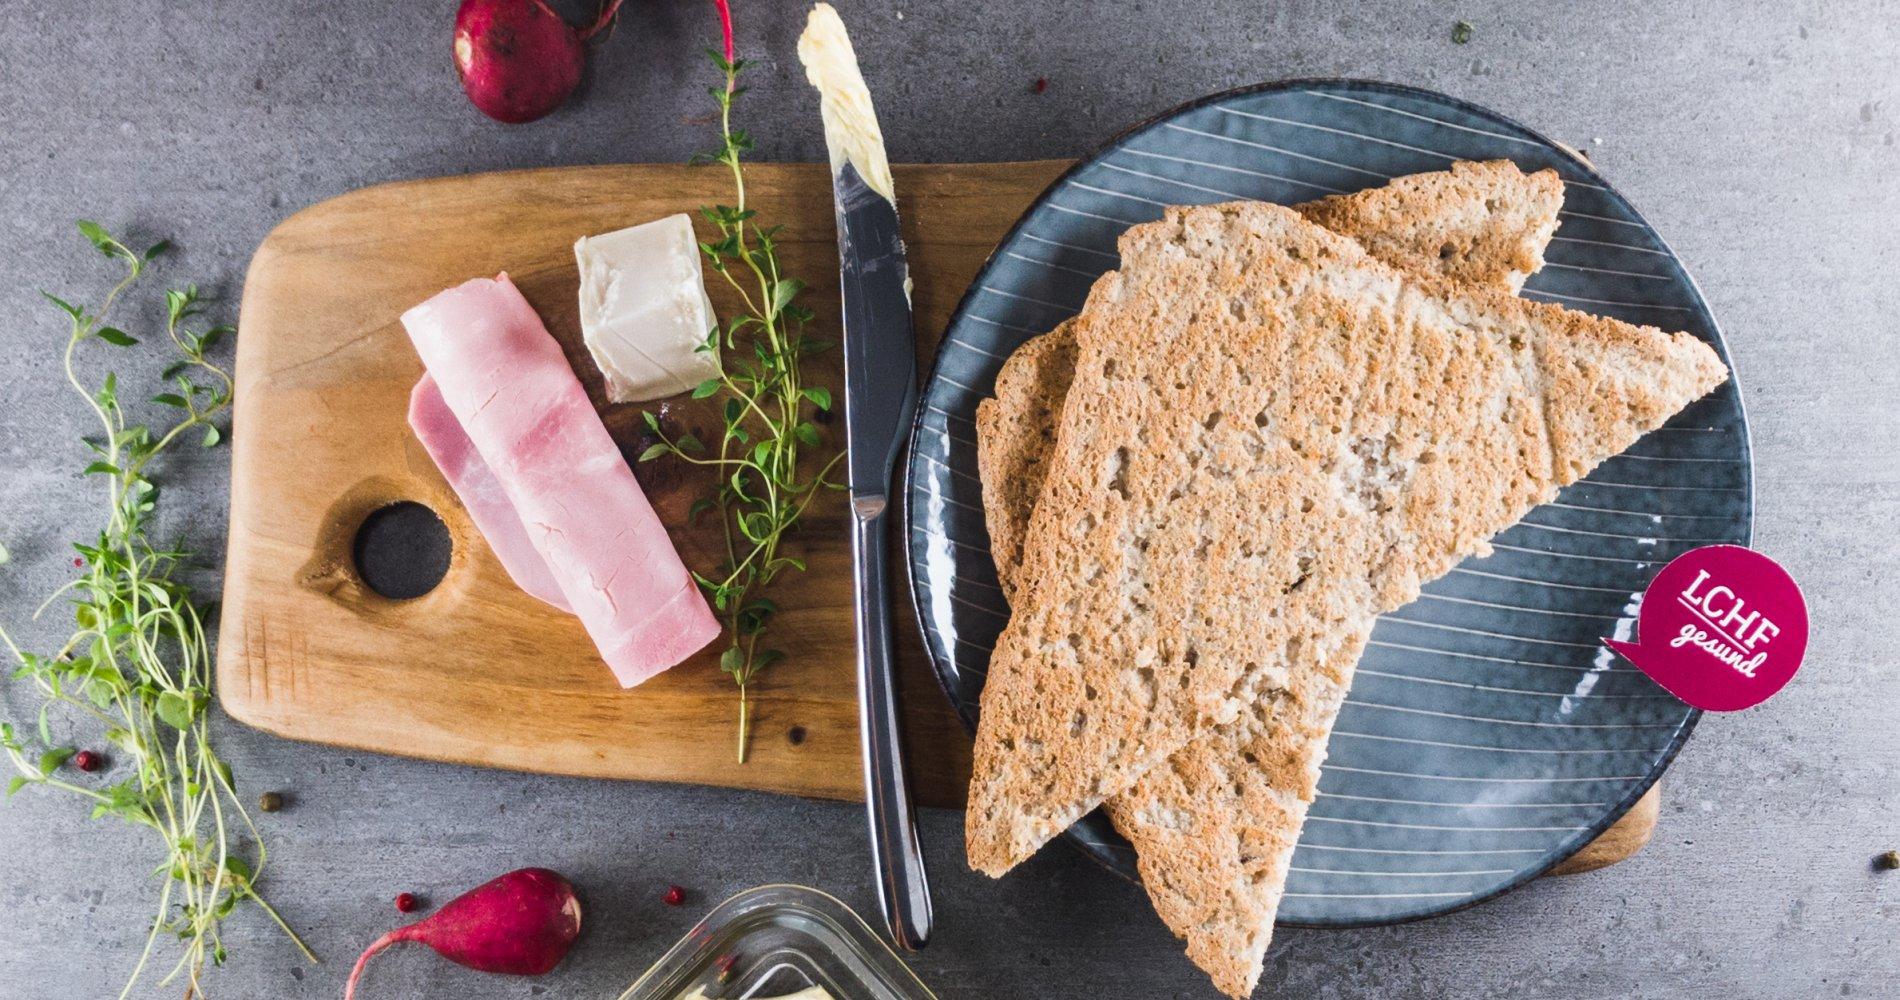 Rezept Low Carb: Sandwich- und Toastbrot - LCHF-gesund.de